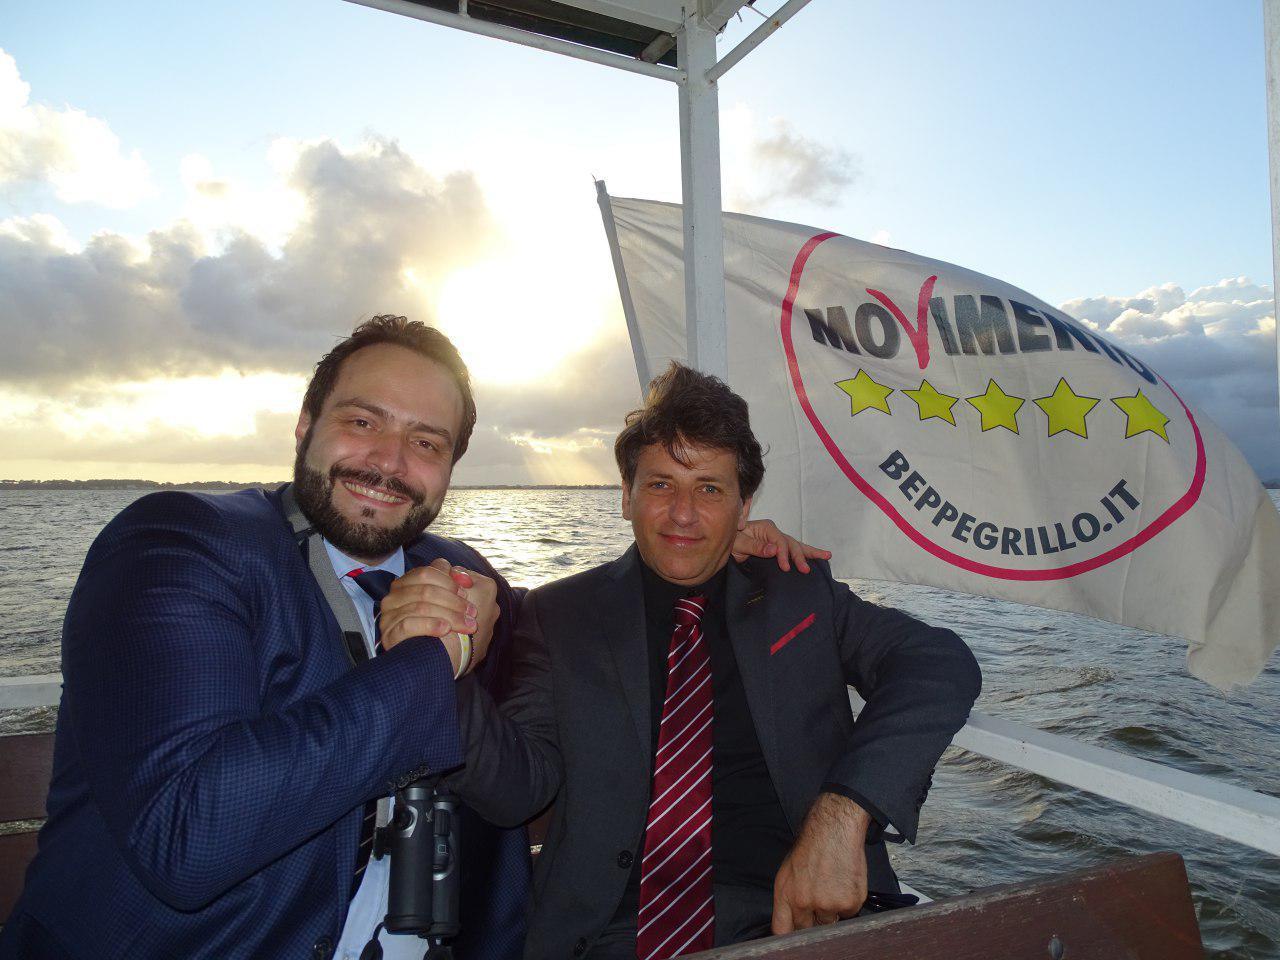 Visita al lago di Massaciuccoli con il vice presidente del Parlamento europeo